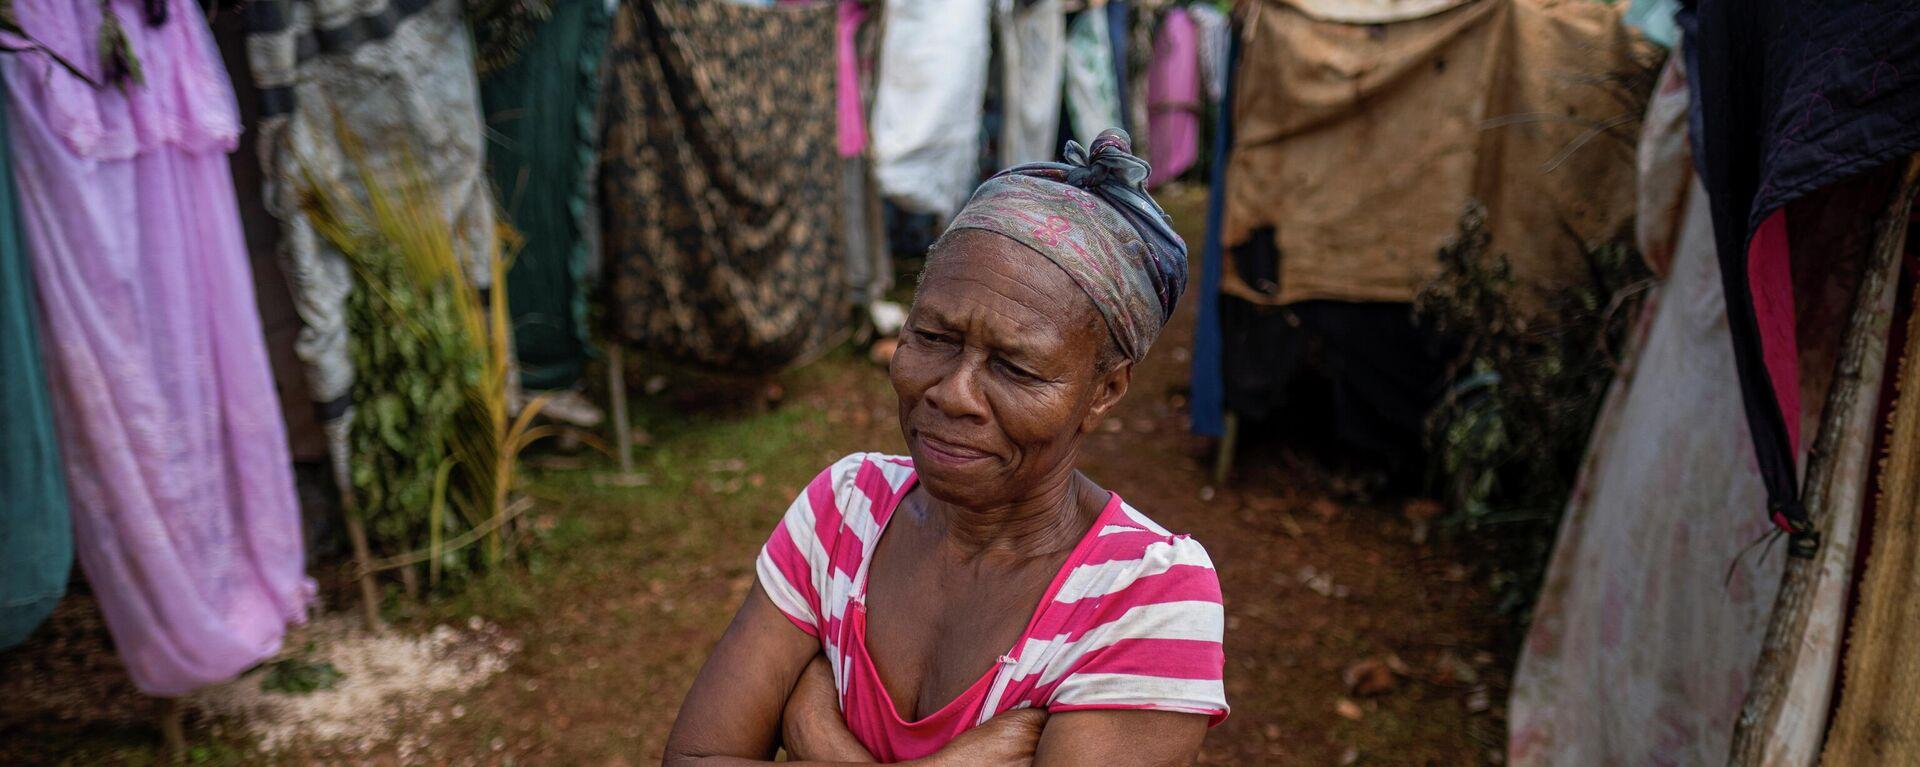 Haitianos viven en las carpas tras el terremoto - Sputnik Mundo, 1920, 26.08.2021